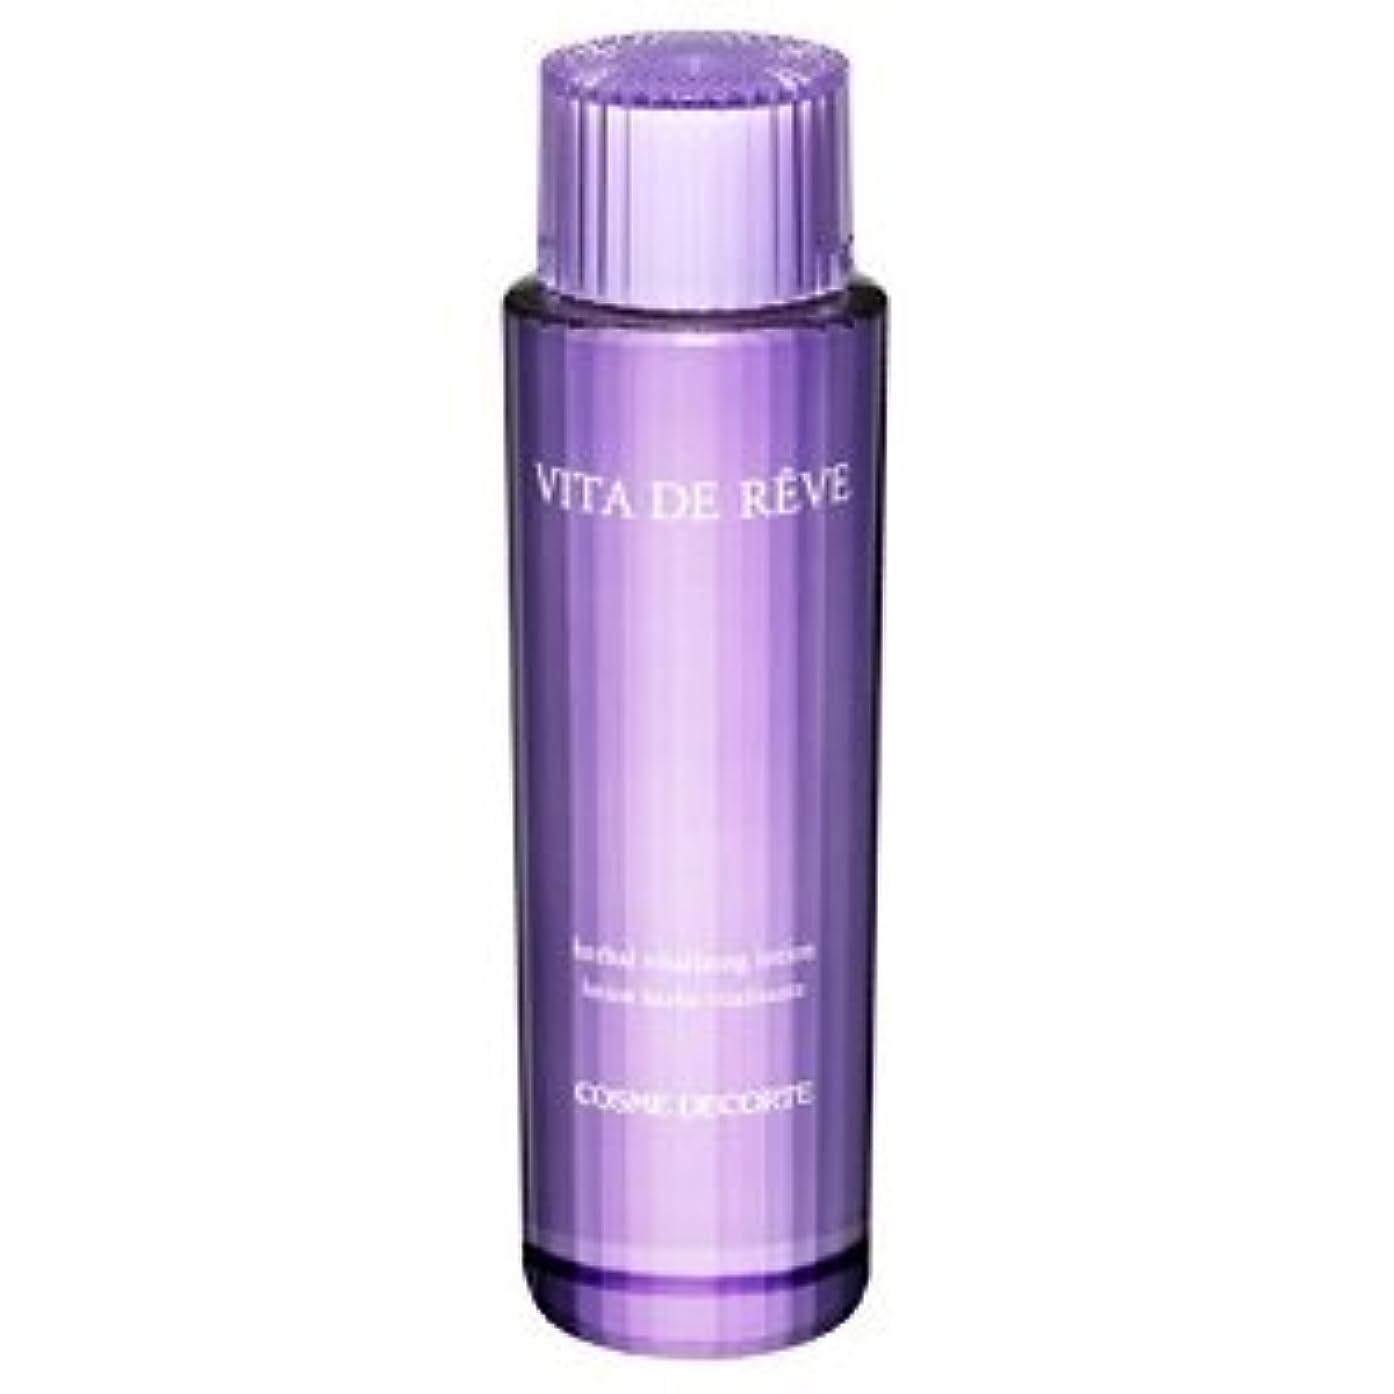 出席効率的真っ逆さまコスメデコルテ ヴィタ ドレーブ 150ml 化粧水 アウトレット